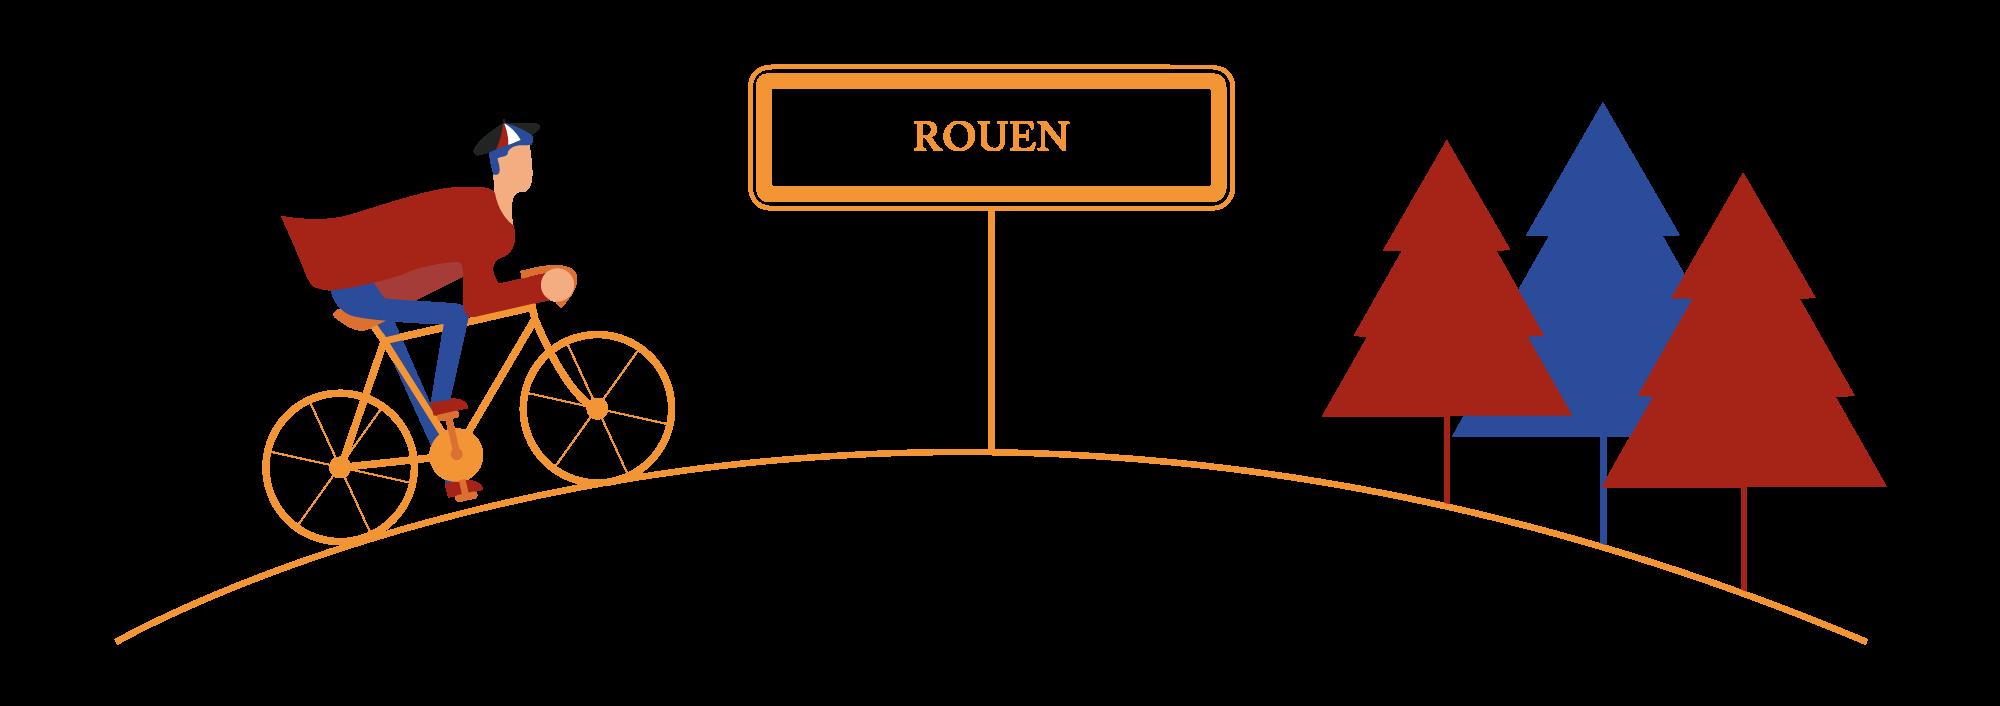 Spécialités de Rouen